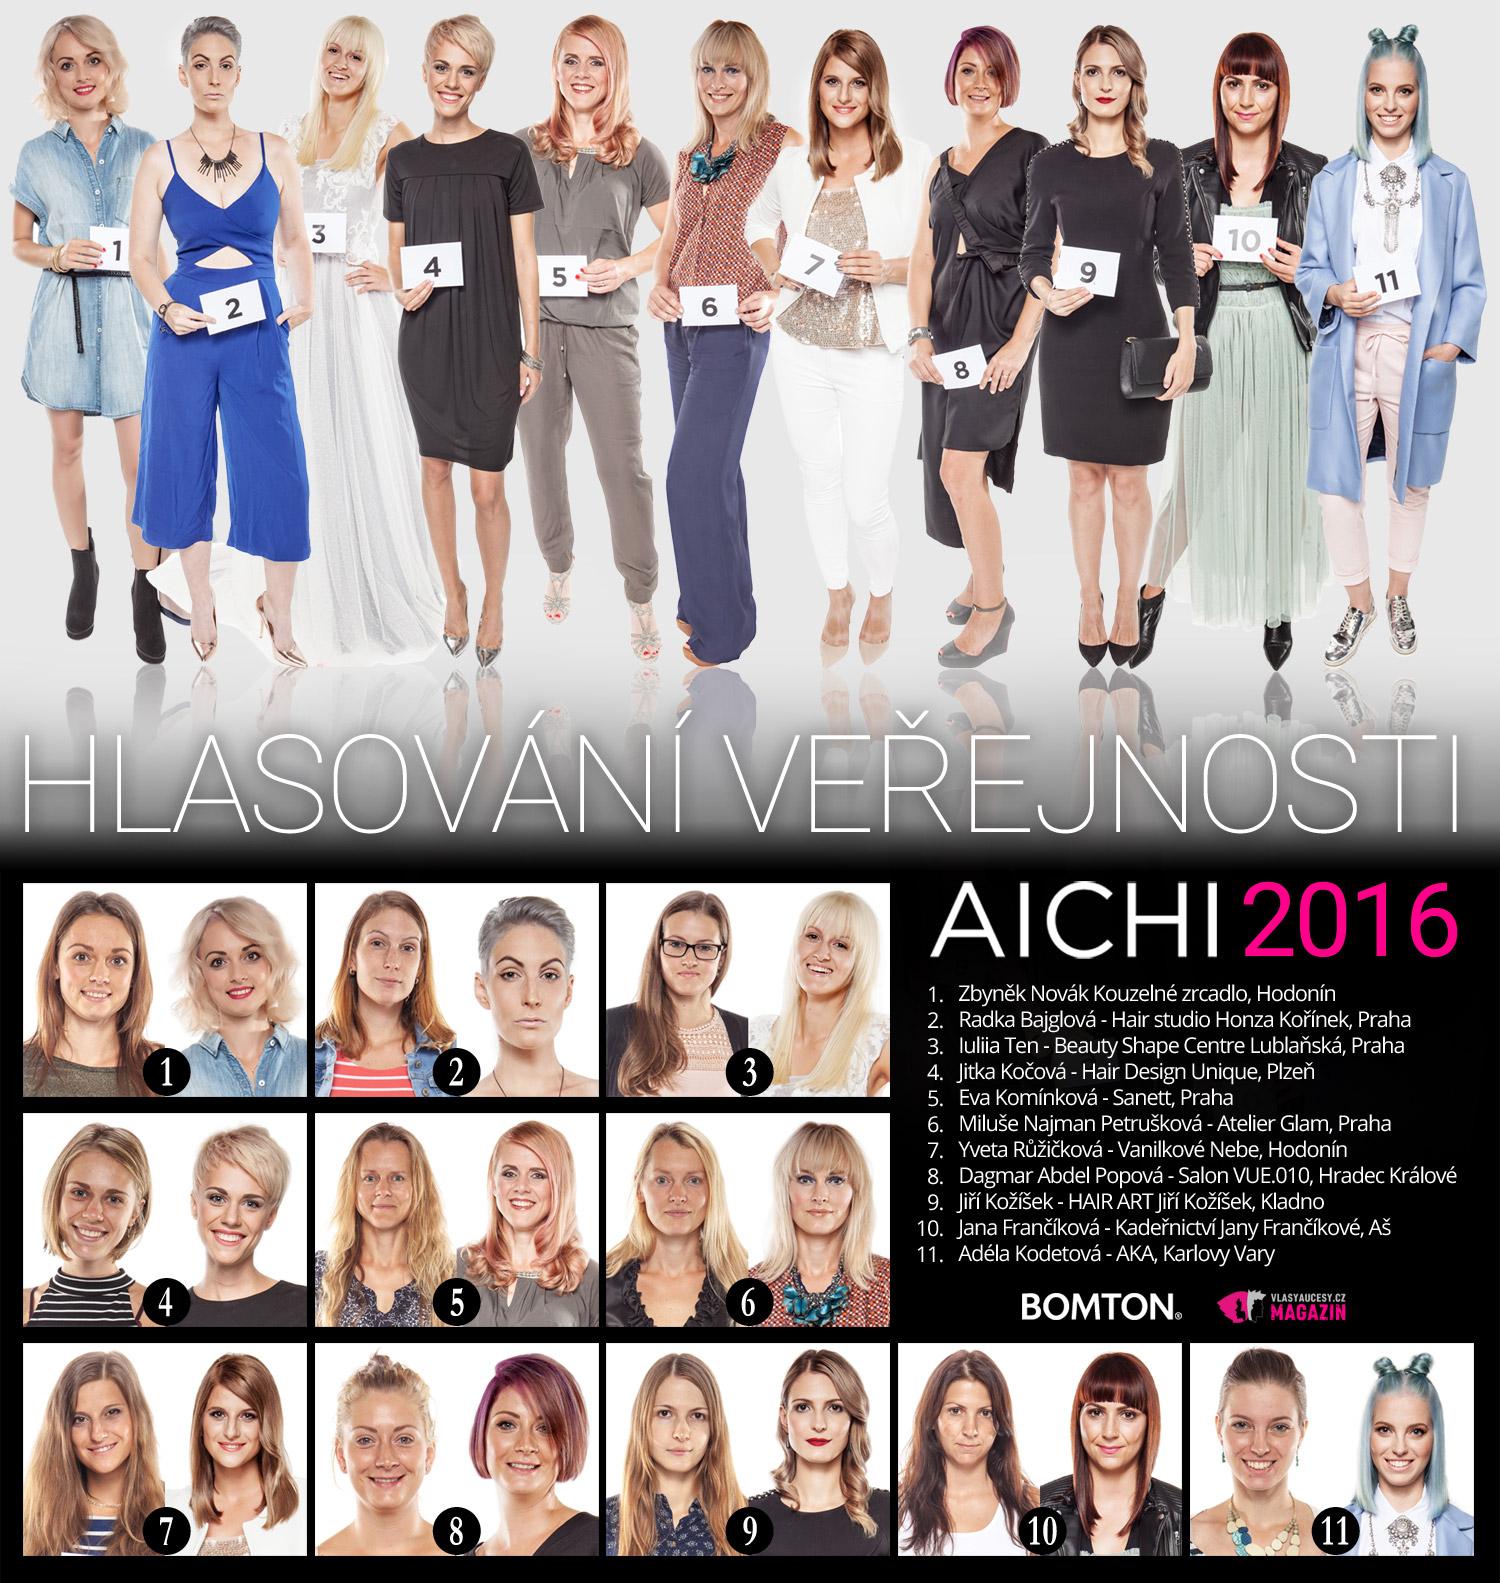 Hlasujte o Cenu veřejnosti AICHI 2016! Vyberte nejlepší proměnu!